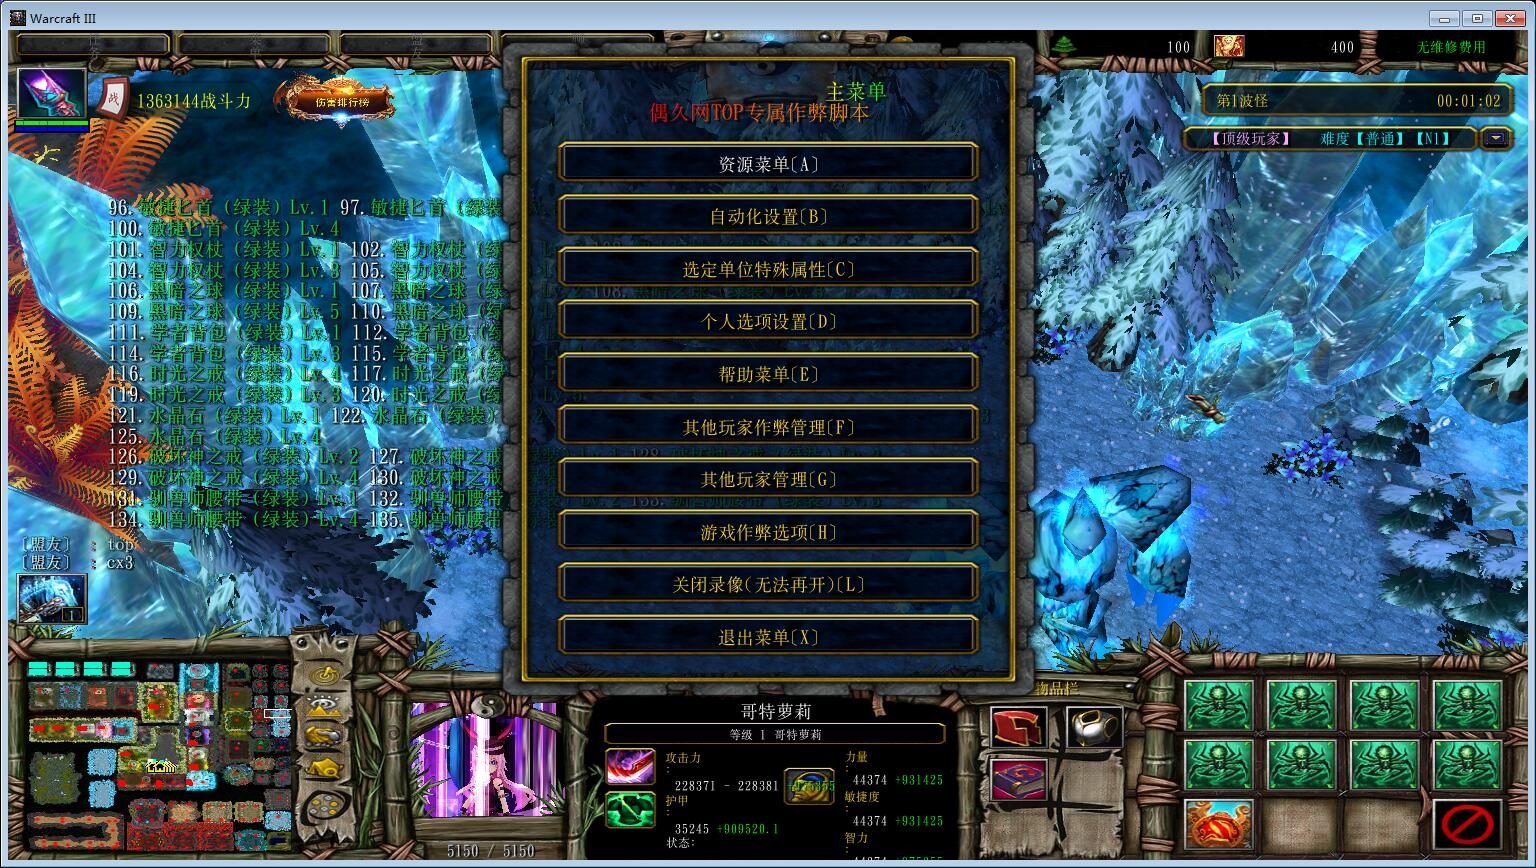 顶级玩家1.3.0破解版 解锁全英雄+全商城特权+存档通关道具+狼牙锤+刷物品无CD